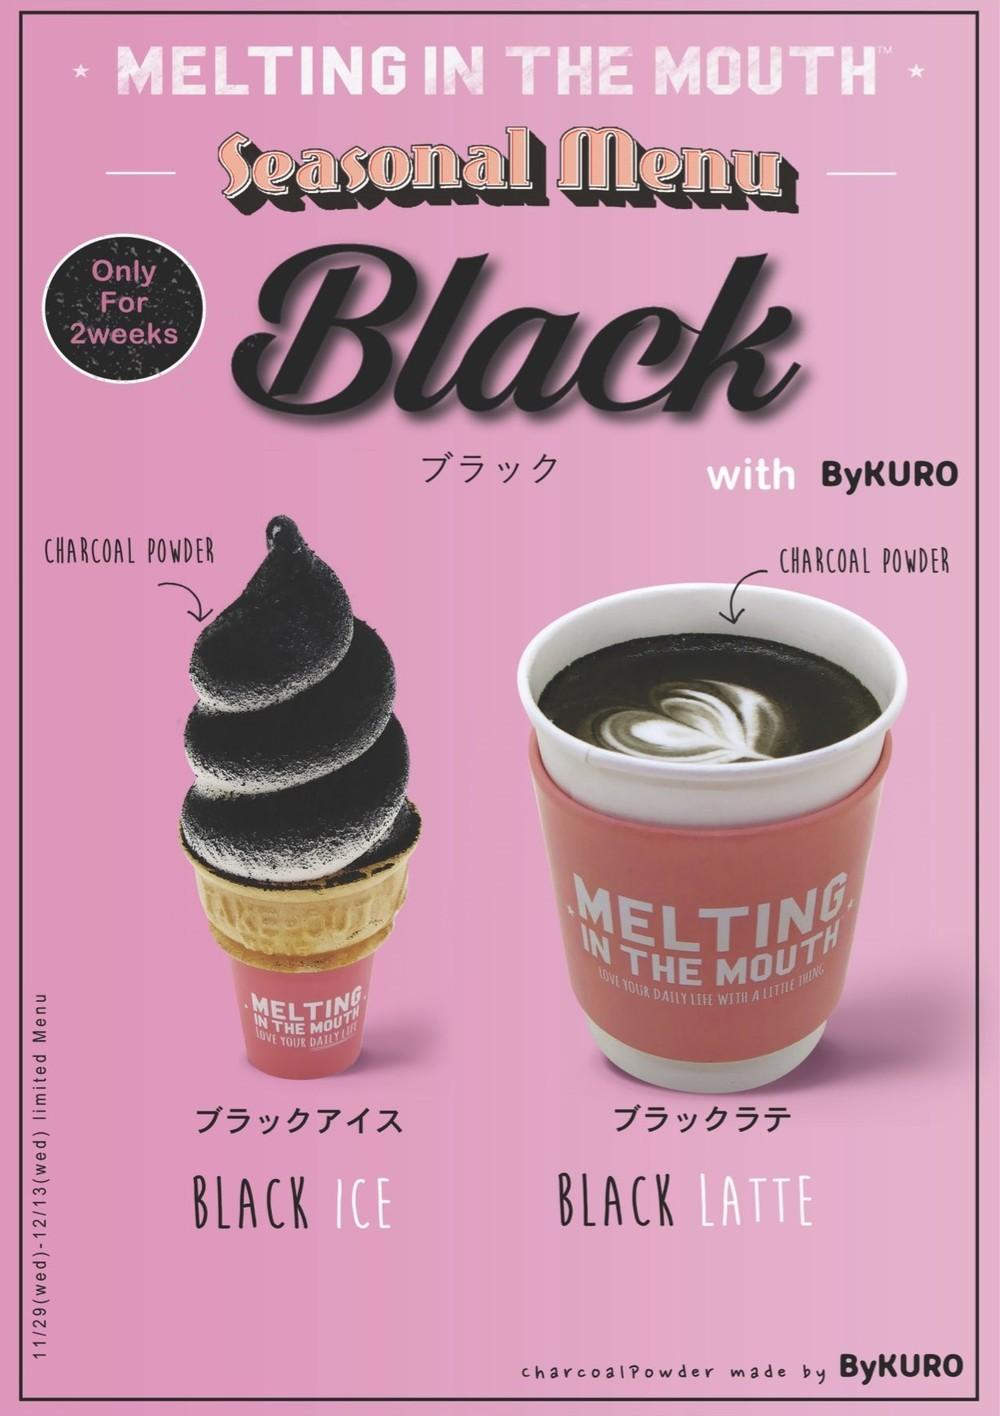 インスタ映え不可避! 真っ黒いソフトクリーム、2週間限定発売